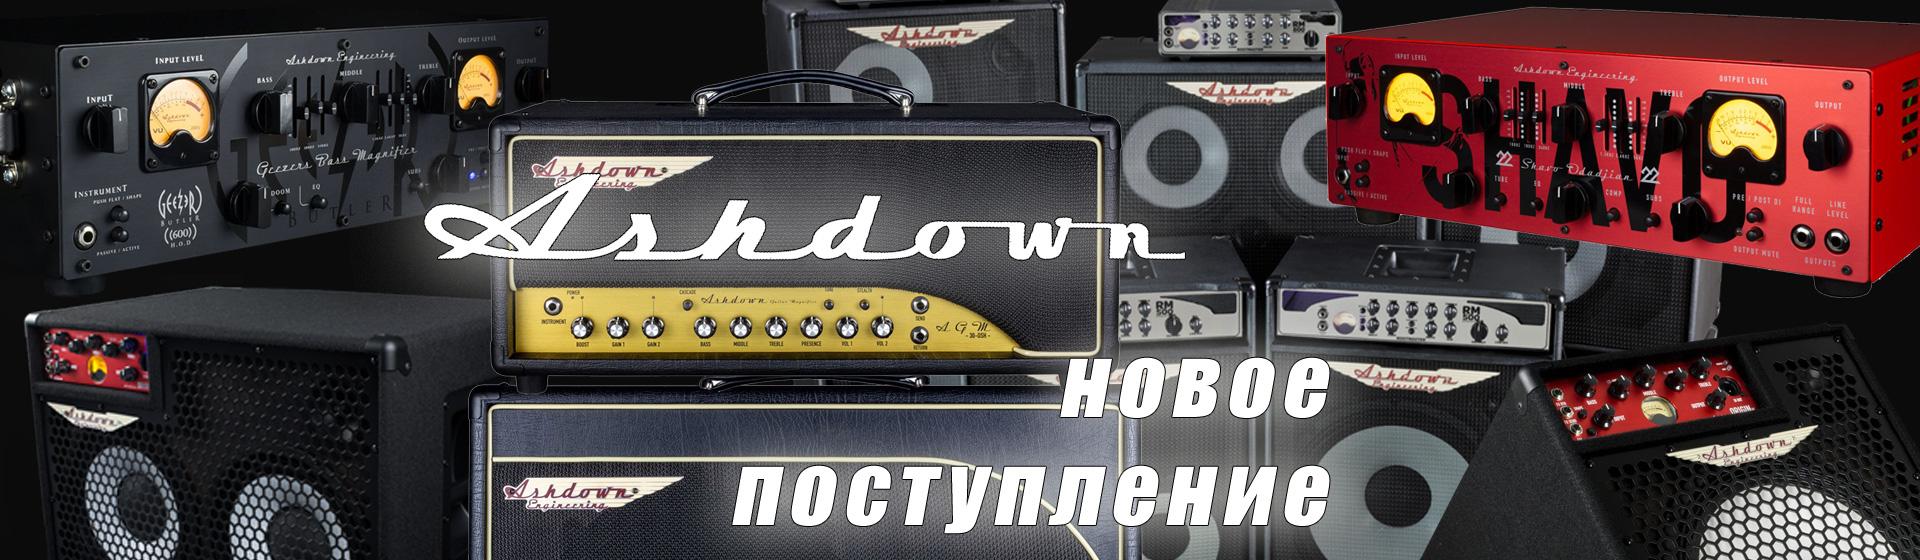 ASHDOWN - скоро новое поступление!